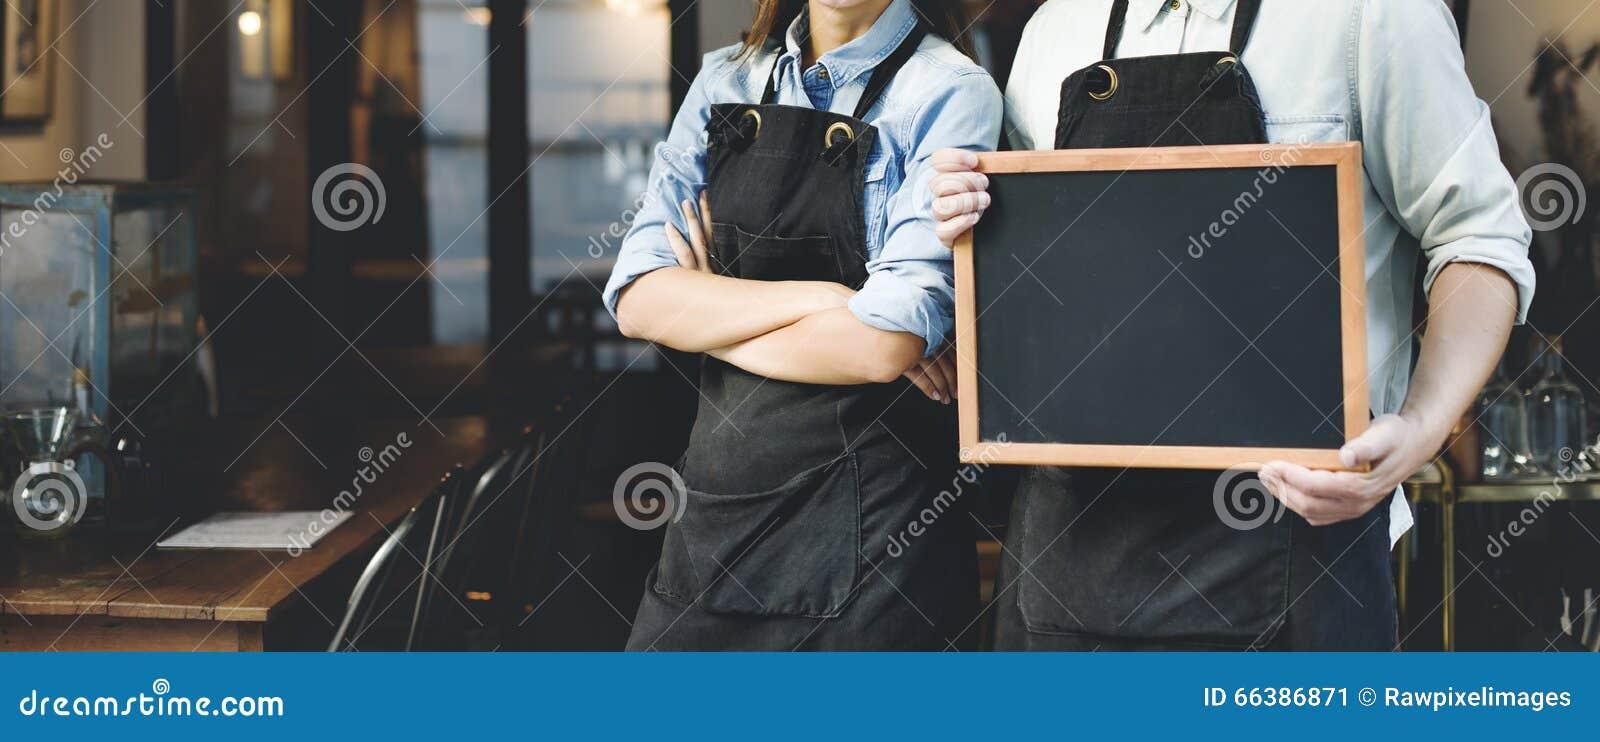 Shop-Konzept Barista Staff Working Coffee